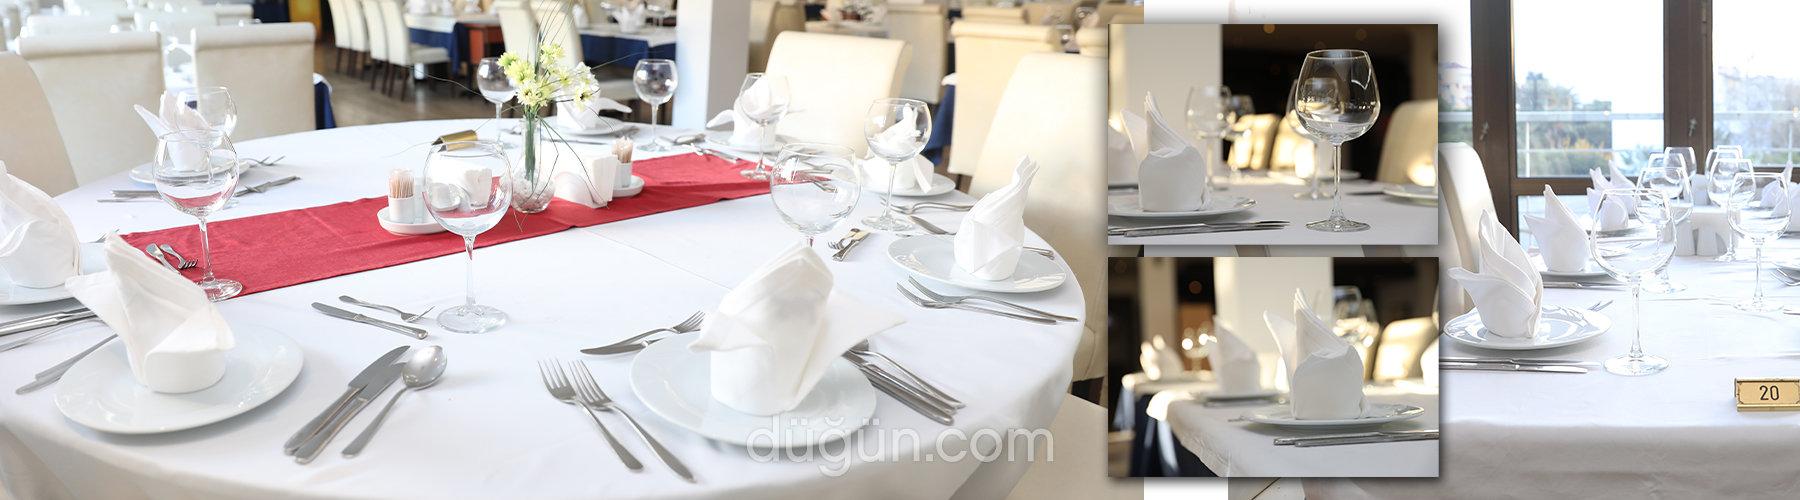 Dokuz Eylül Rektörlük Çatı Restaurant